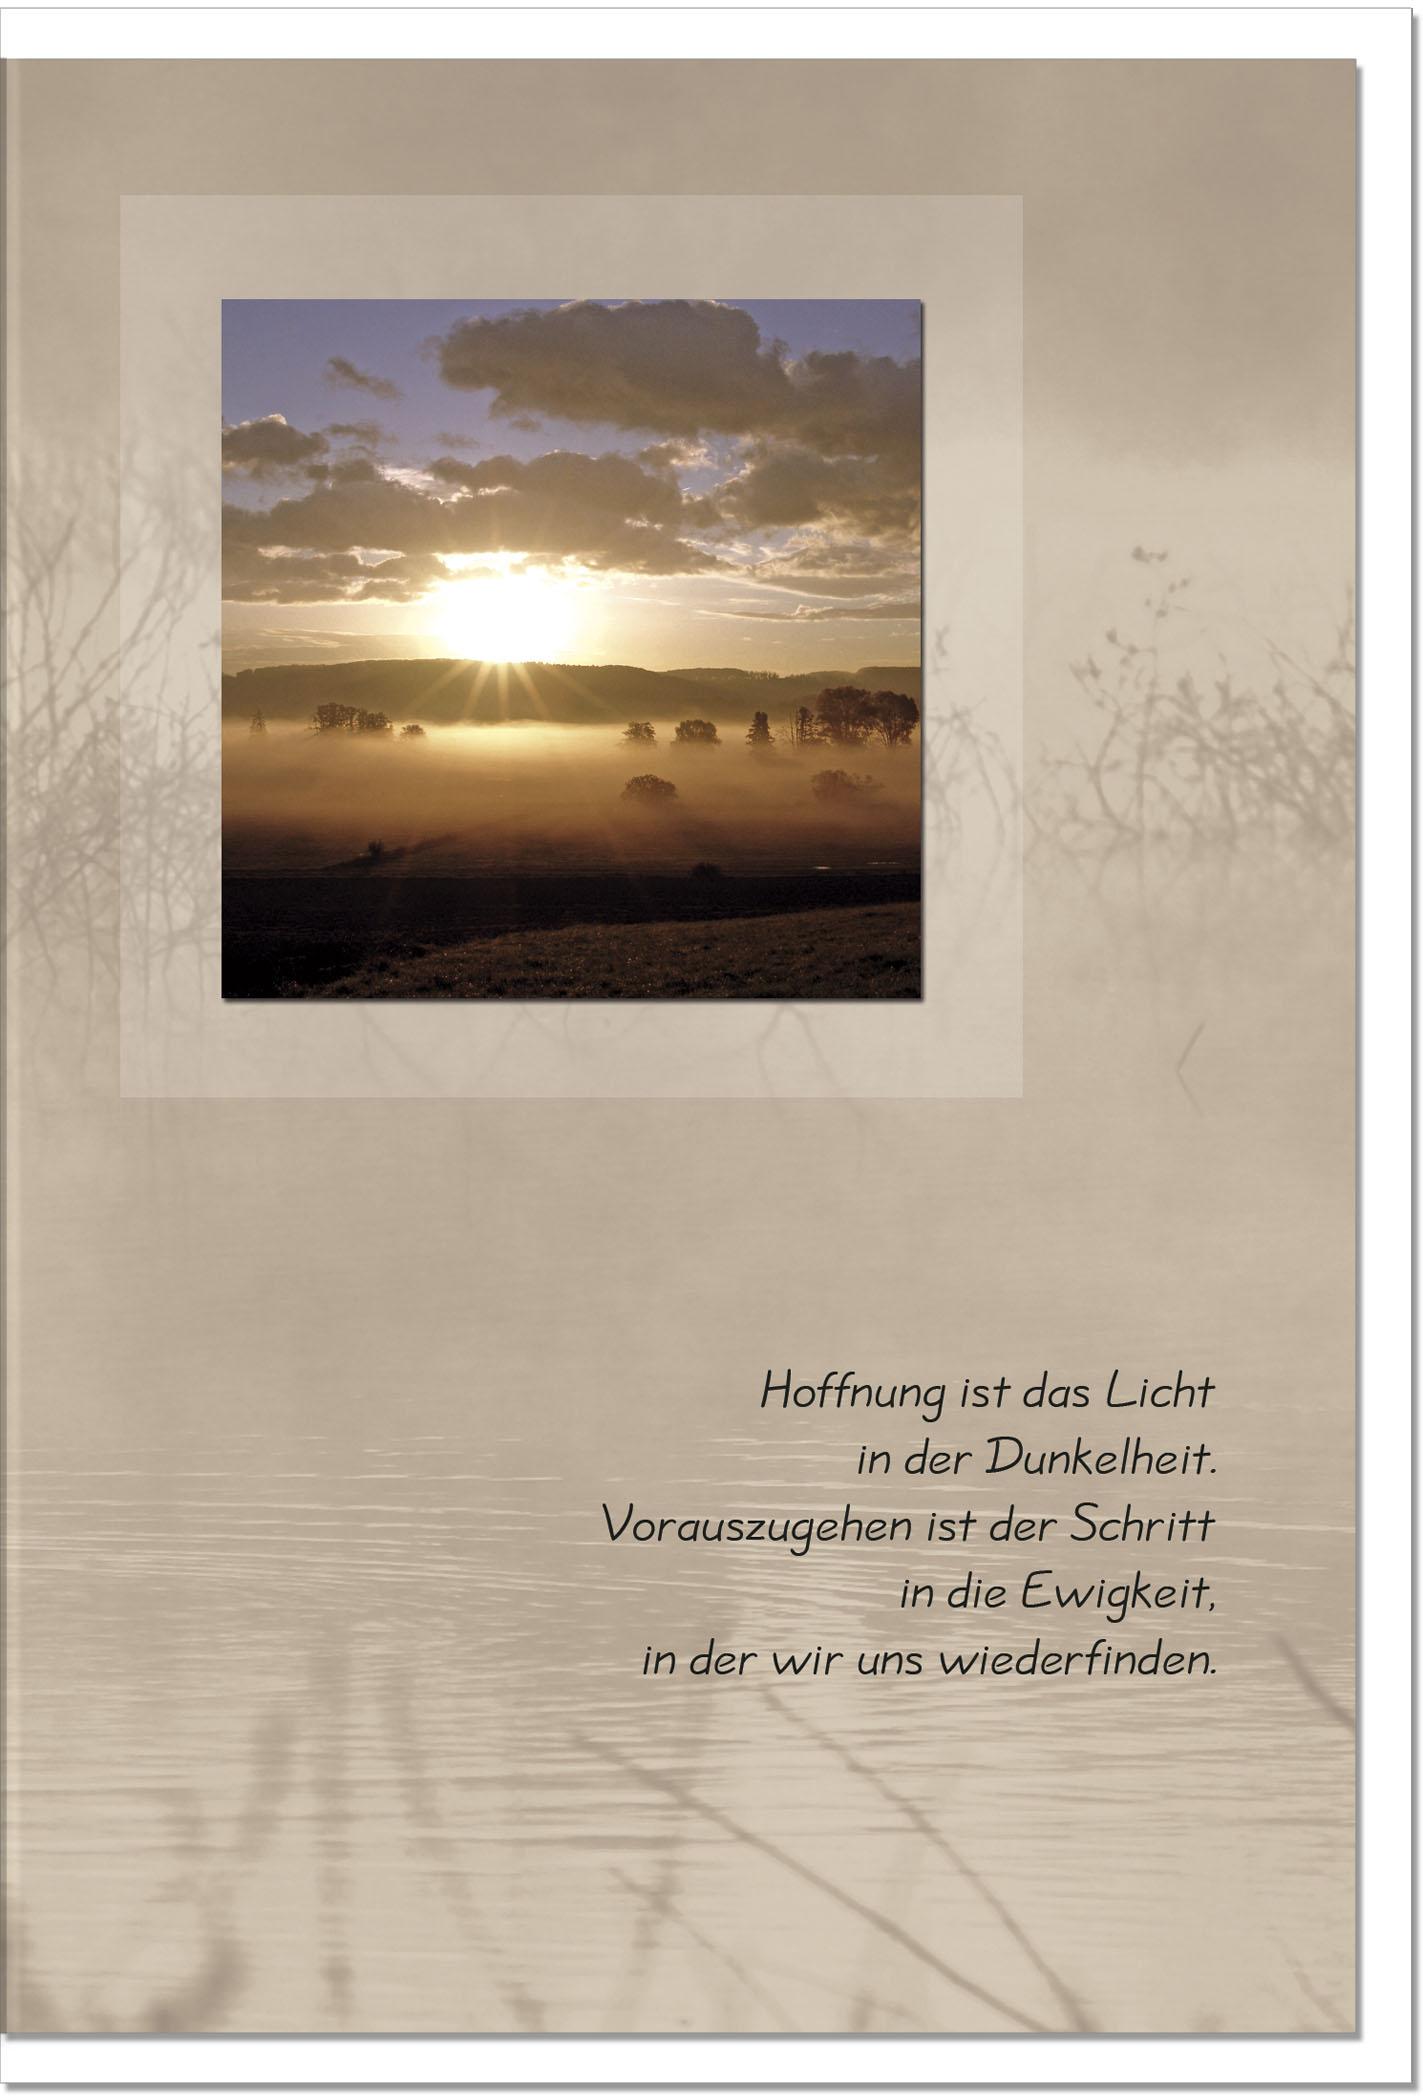 Trauerkarte LICHT IN DER DUNKELHEIT | Sonnenuntergang | metALUm #00019